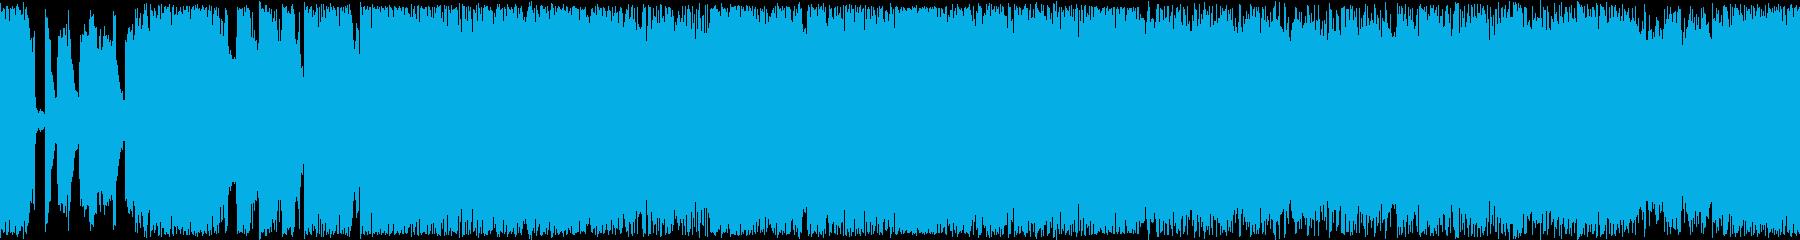 BigBonus 懐かしいヒーロー 戦隊の再生済みの波形